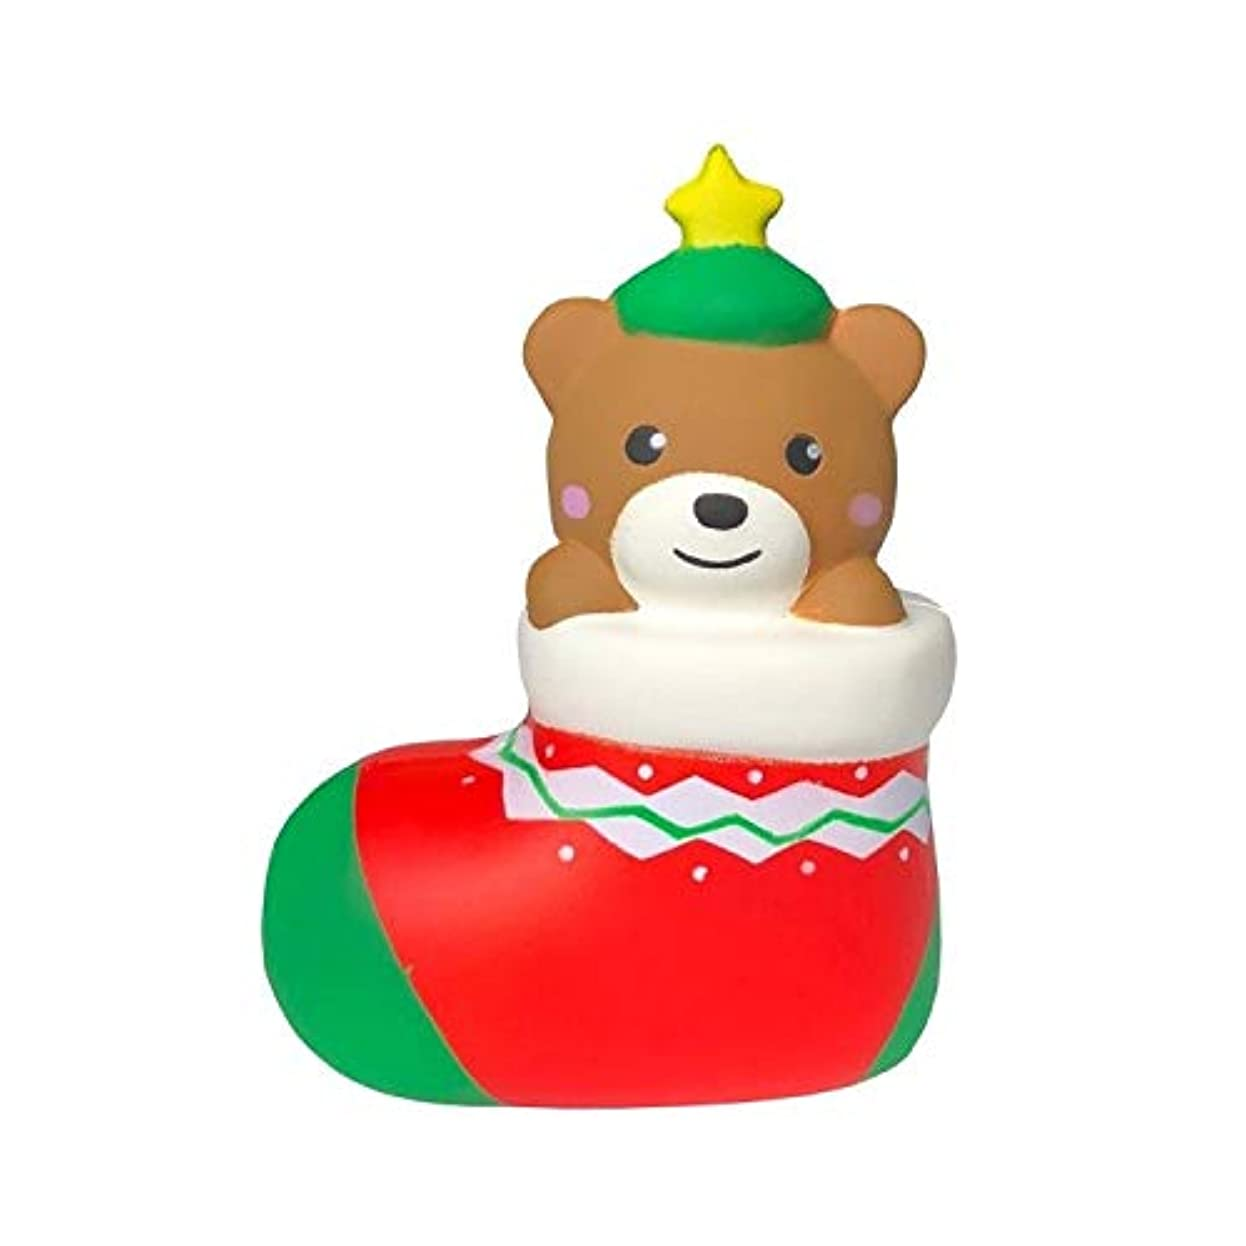 刻むスポンジ発生するソフトタッチ 少年少女のためのギフトSquishies、13センチメートルクリスマスソックスベアフワフワ、クリーミーアロマスローライジングスクイーズおもちゃ おもちゃを解凍する